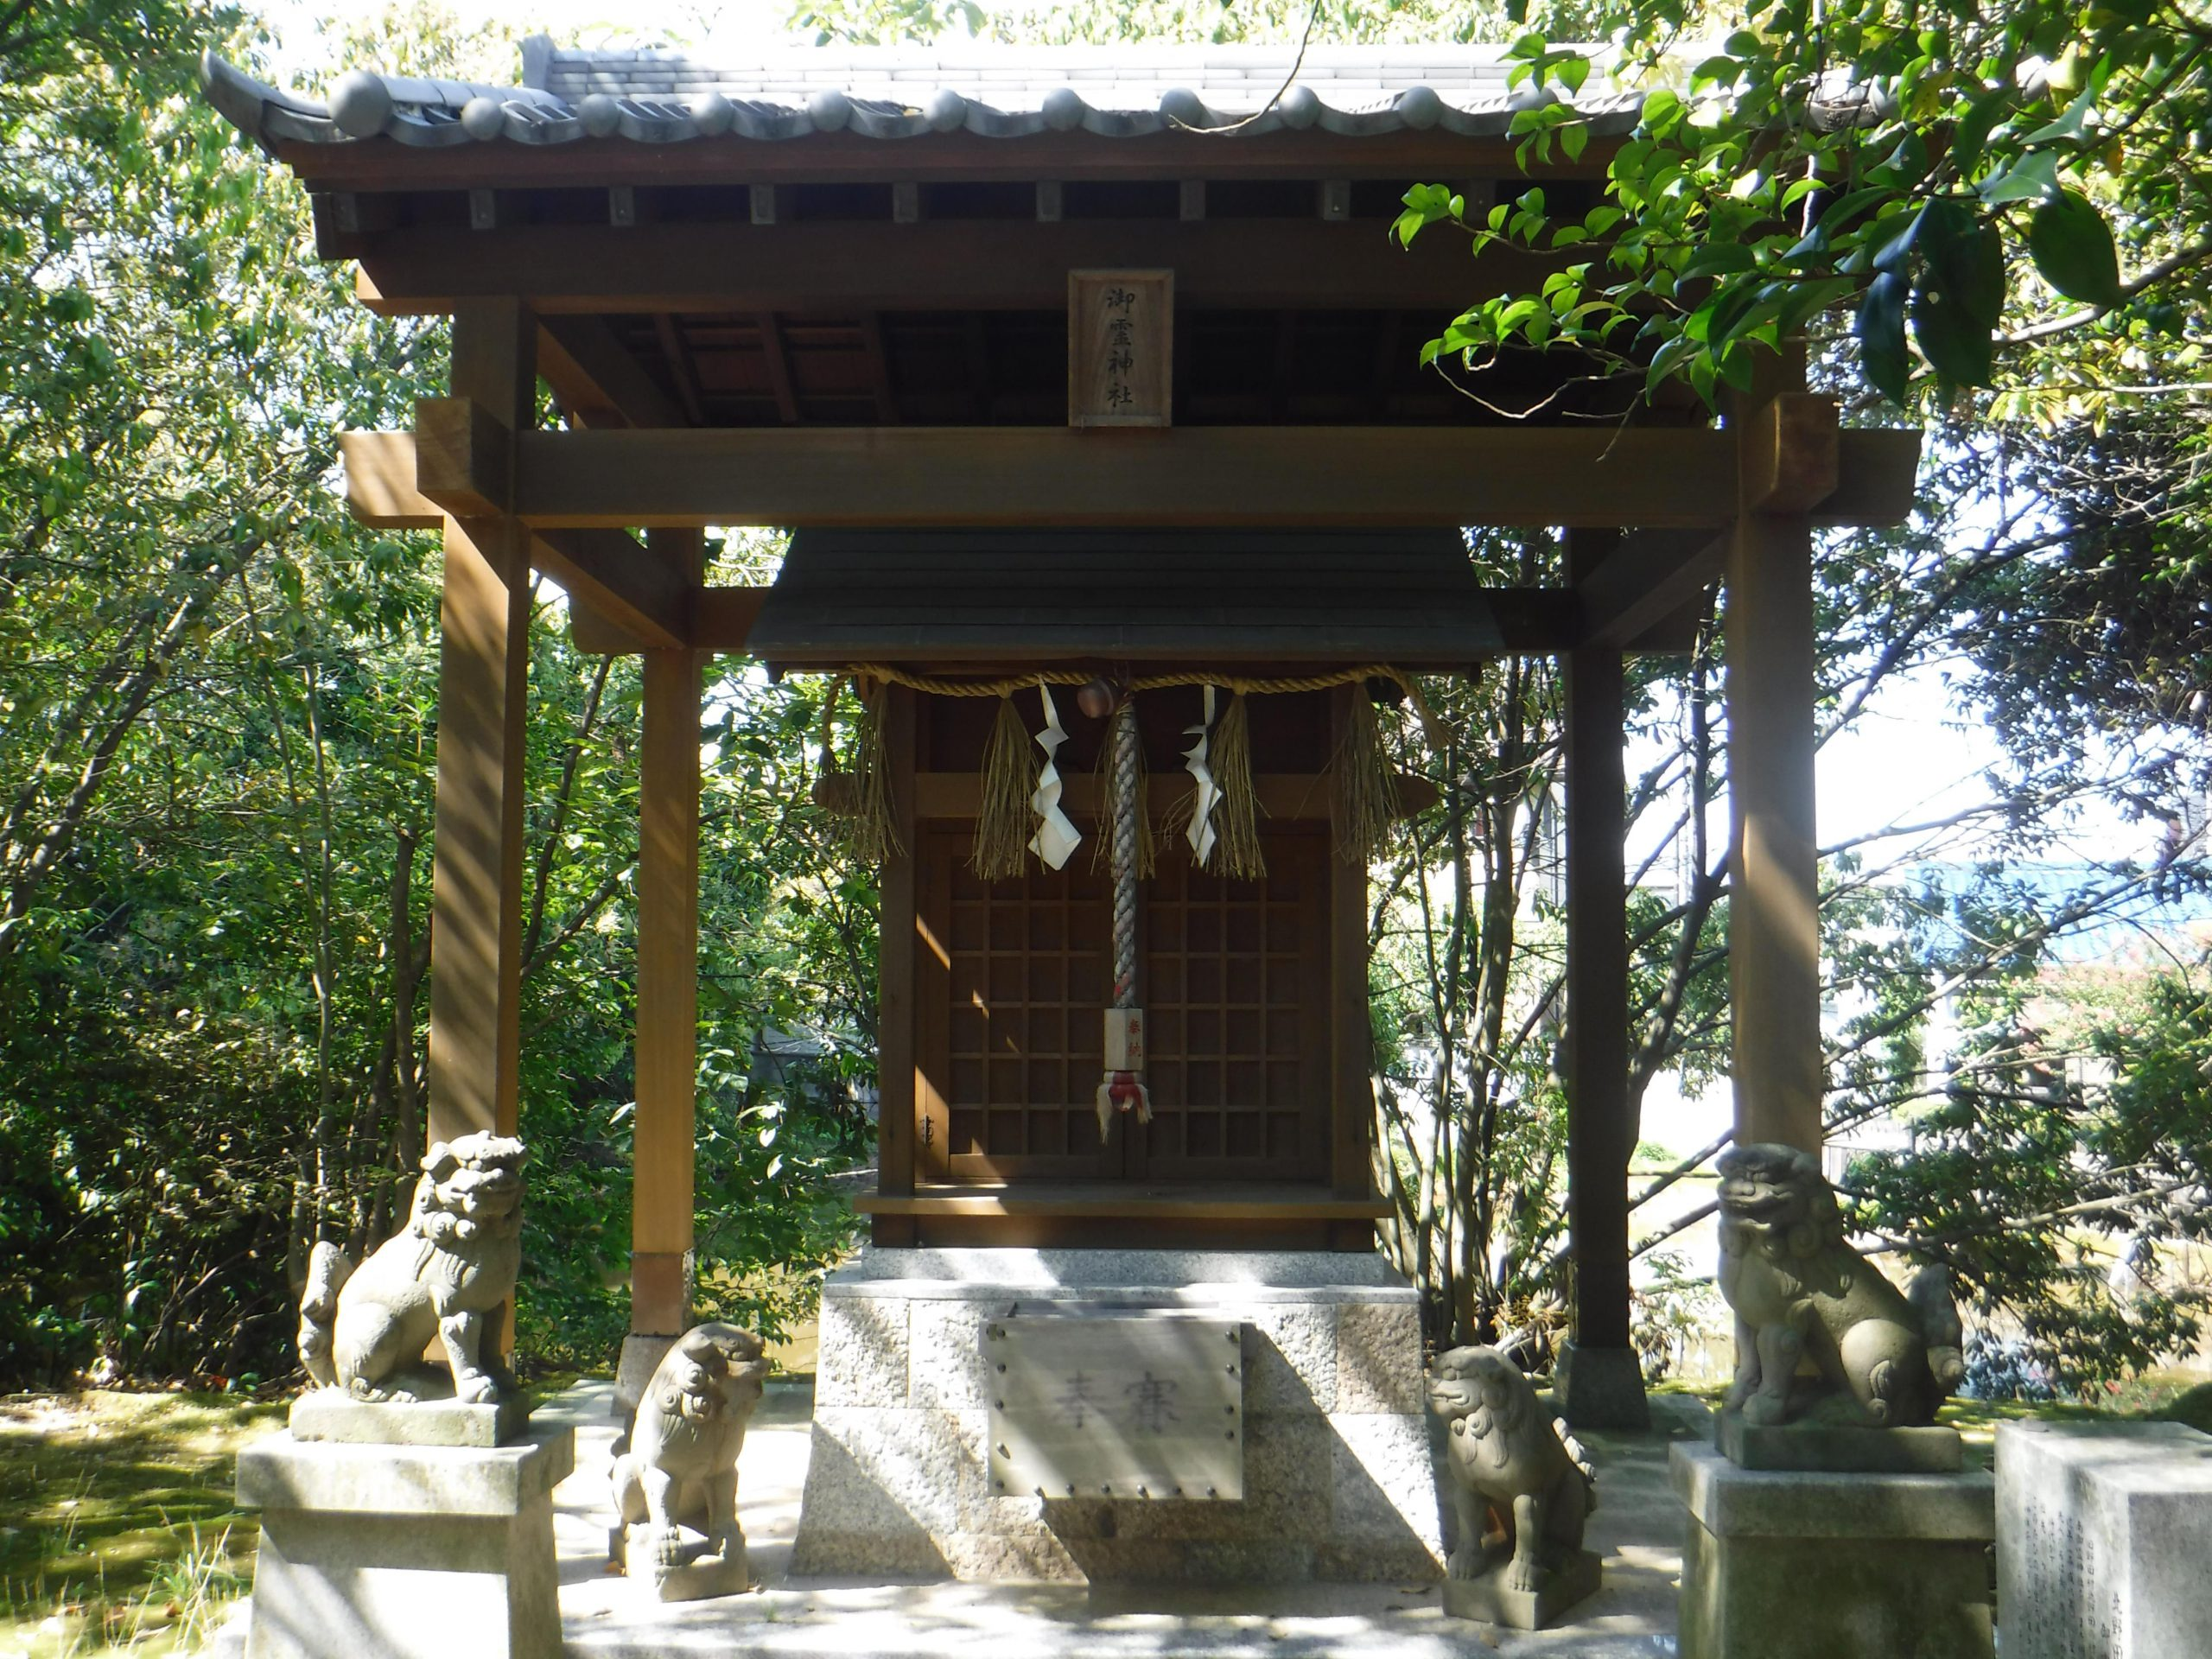 <p>末社御霊神社</p>旧野田村北野田の村社であった北御霊神社と南御霊神社を合わせ祀る。